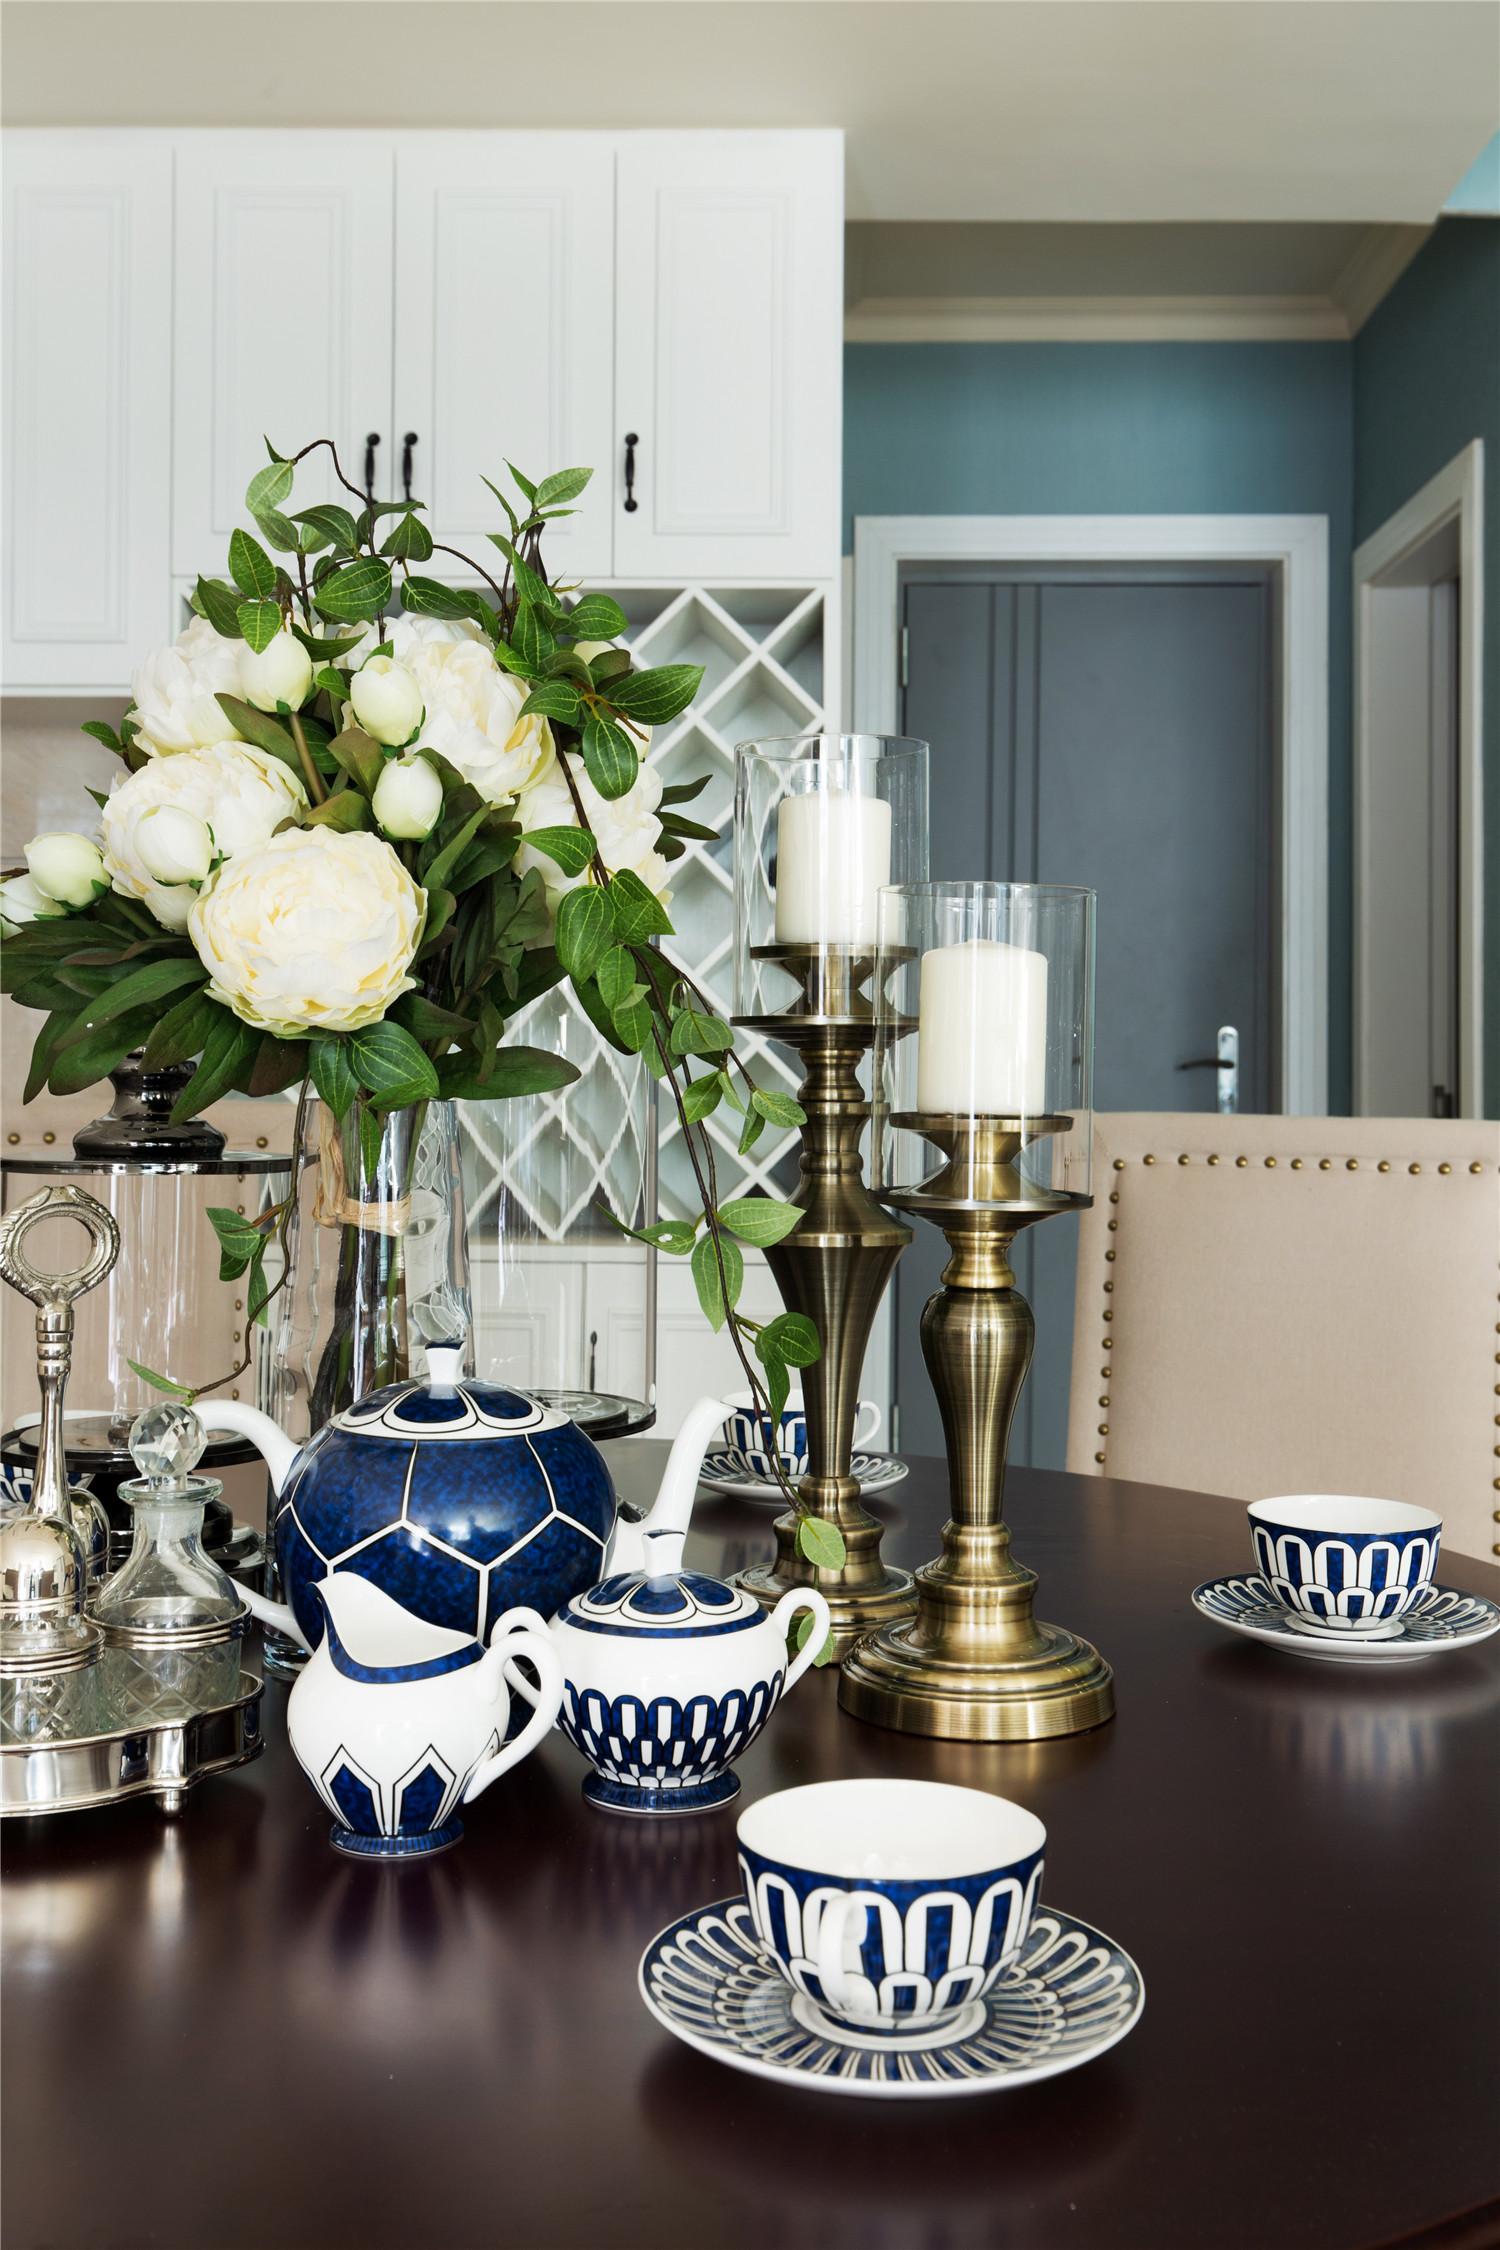 350平米美式别墅装修餐桌饰品摆件